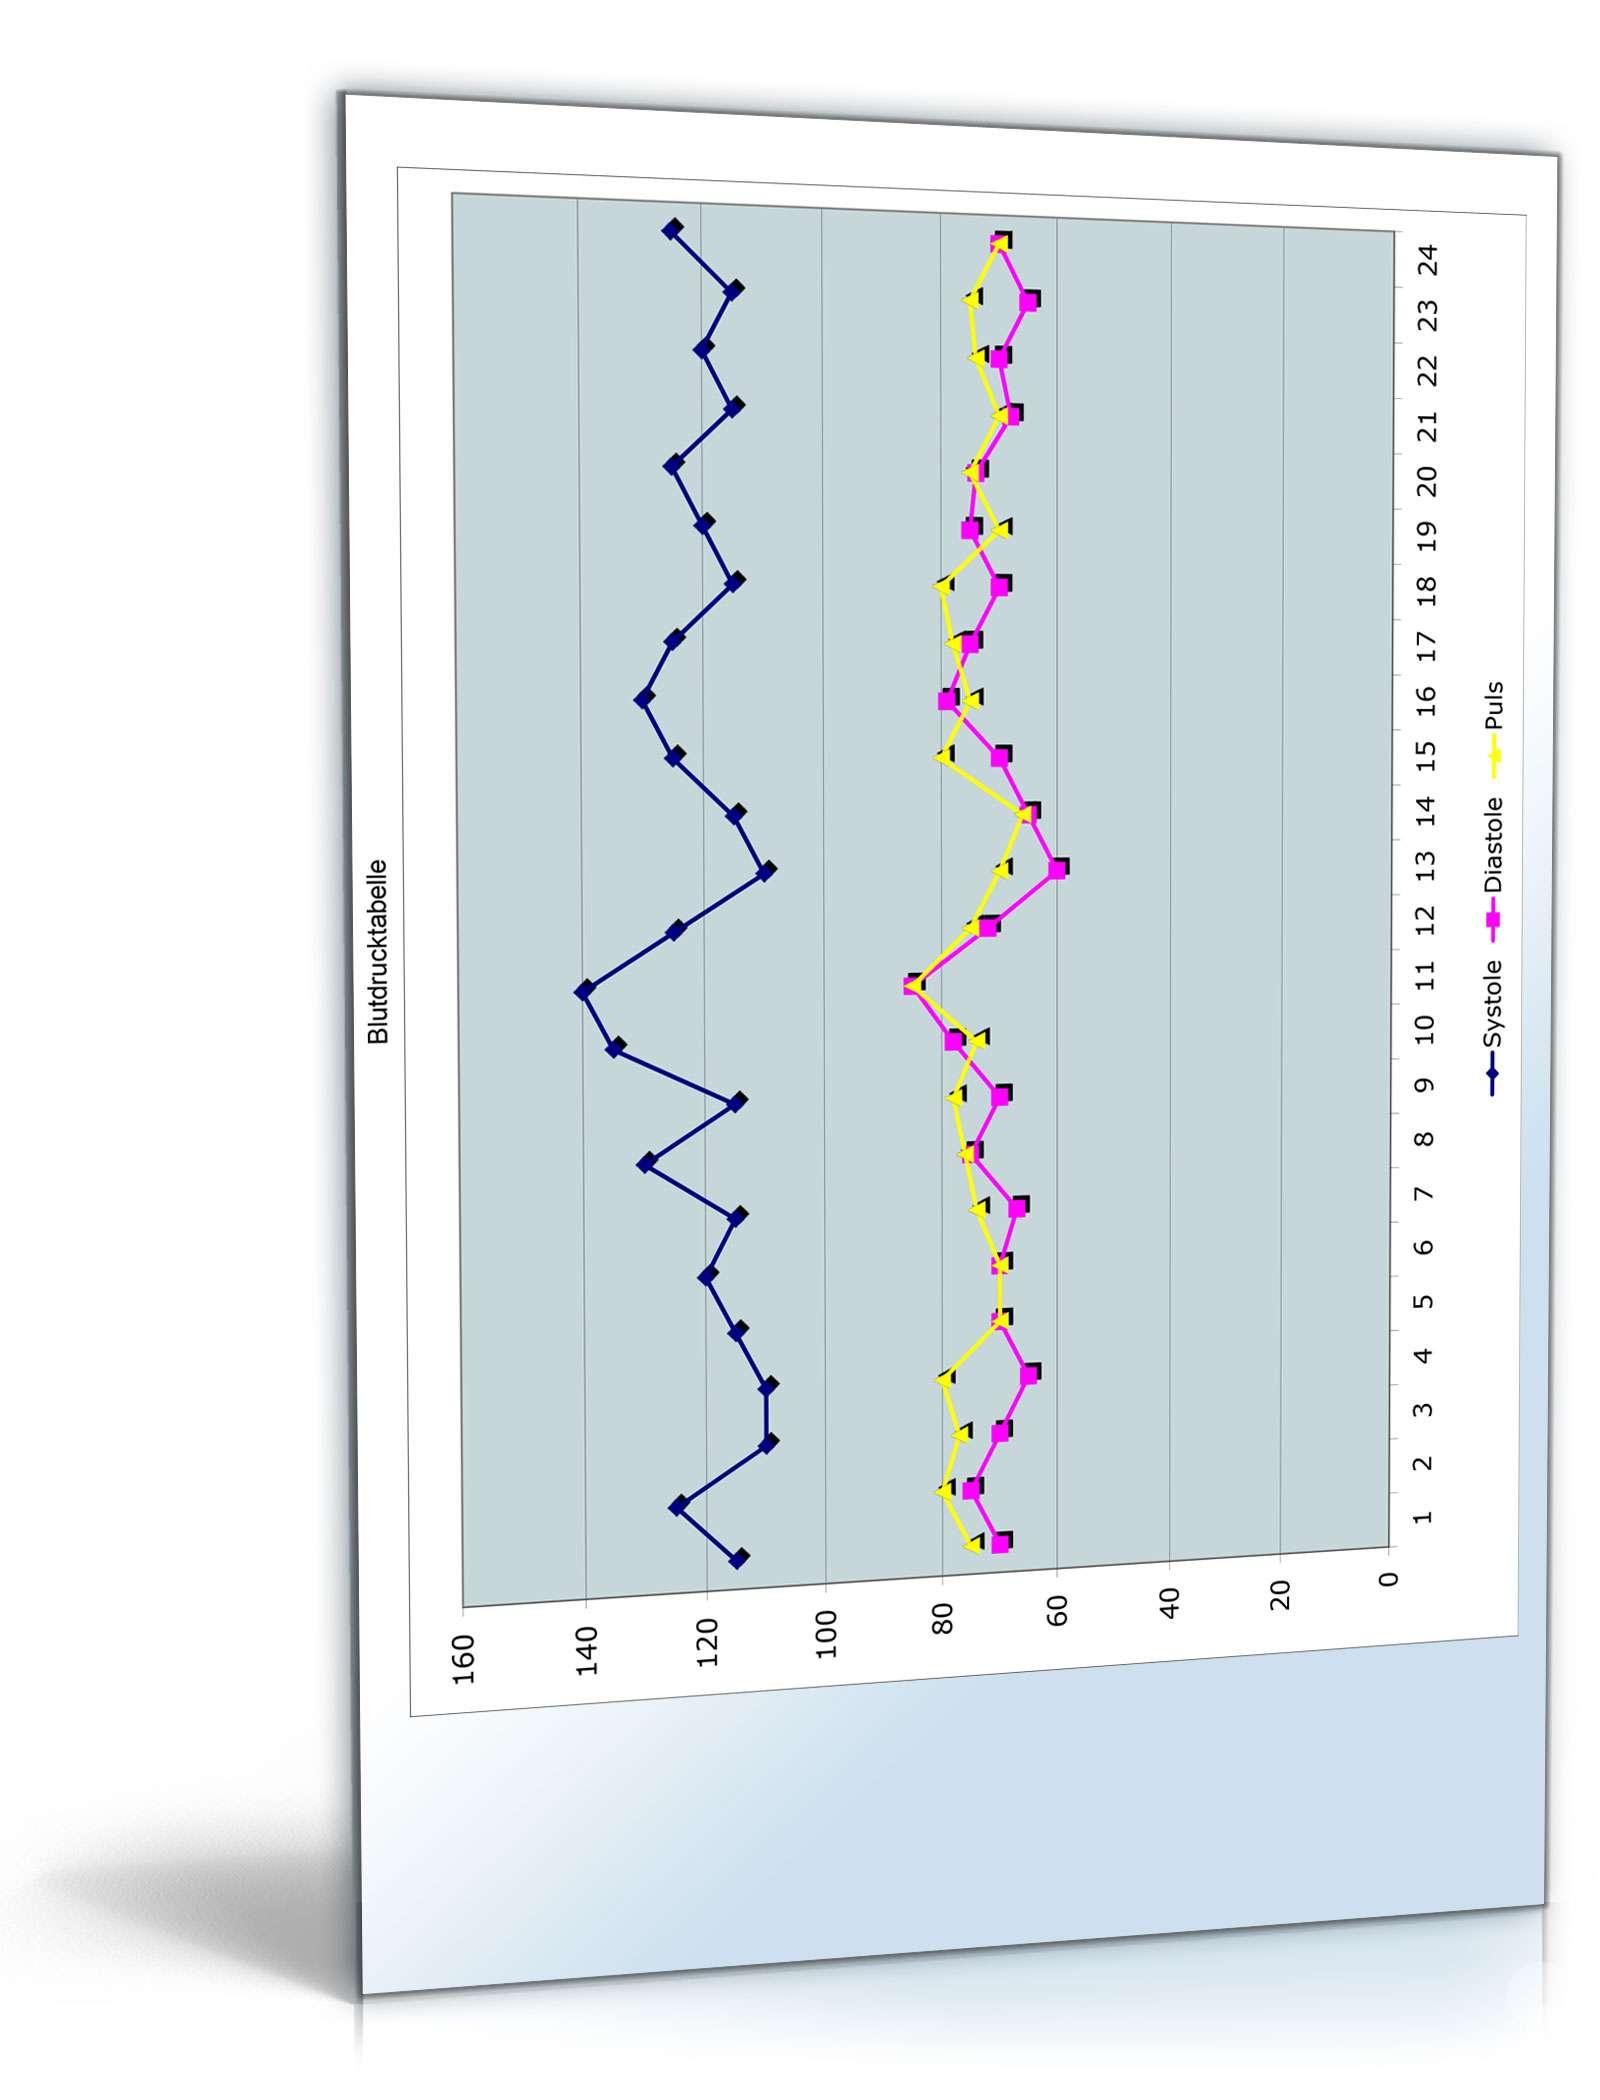 Blutdruck-Rechentabelle - Tabelle zum Download